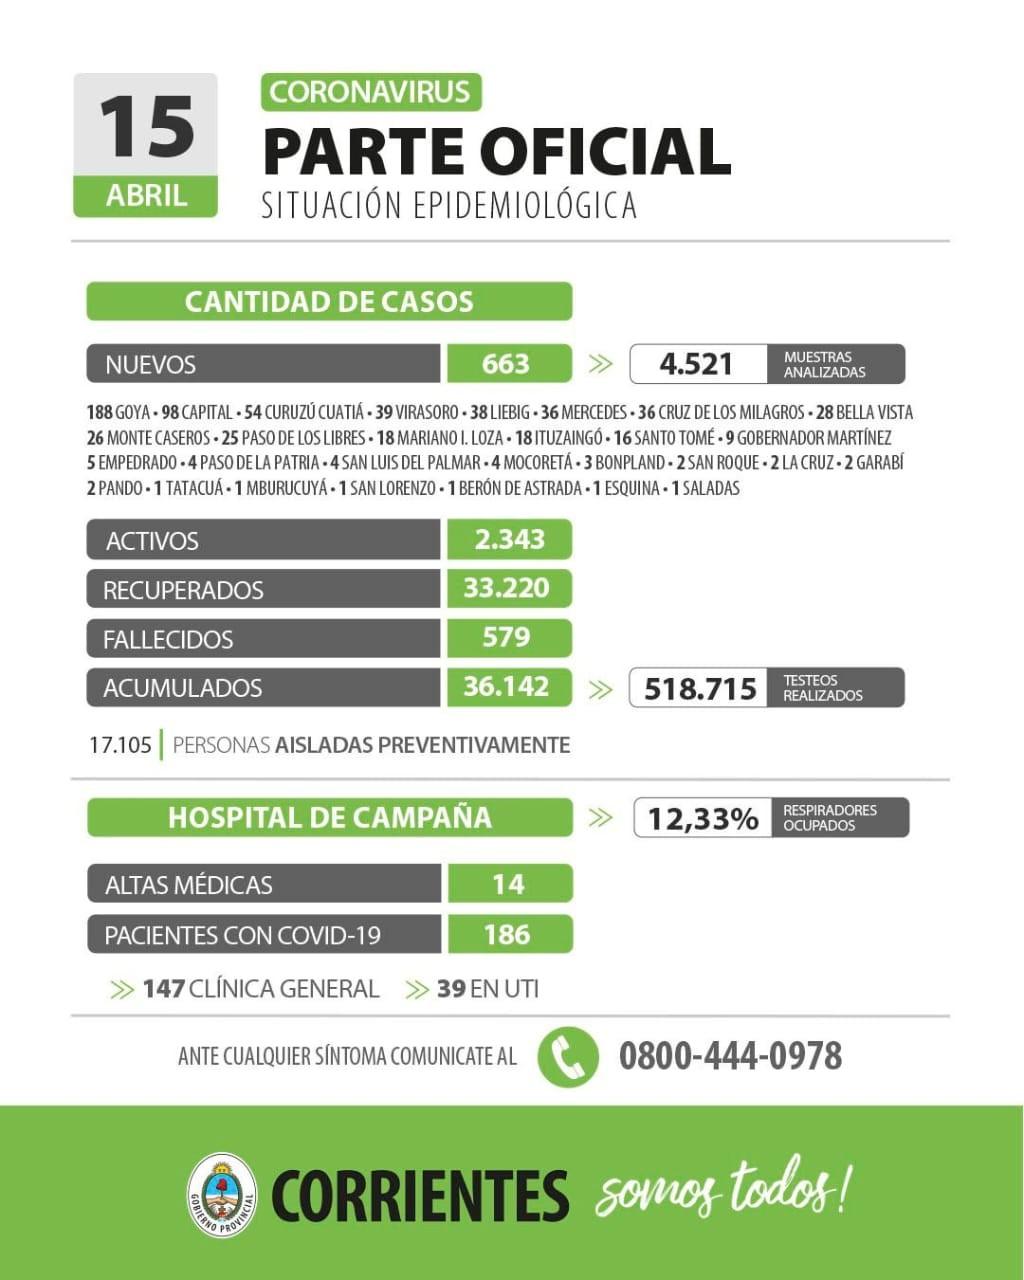 Nuevo récord: Corrientes registró 663 nuevos casos de coronavirus